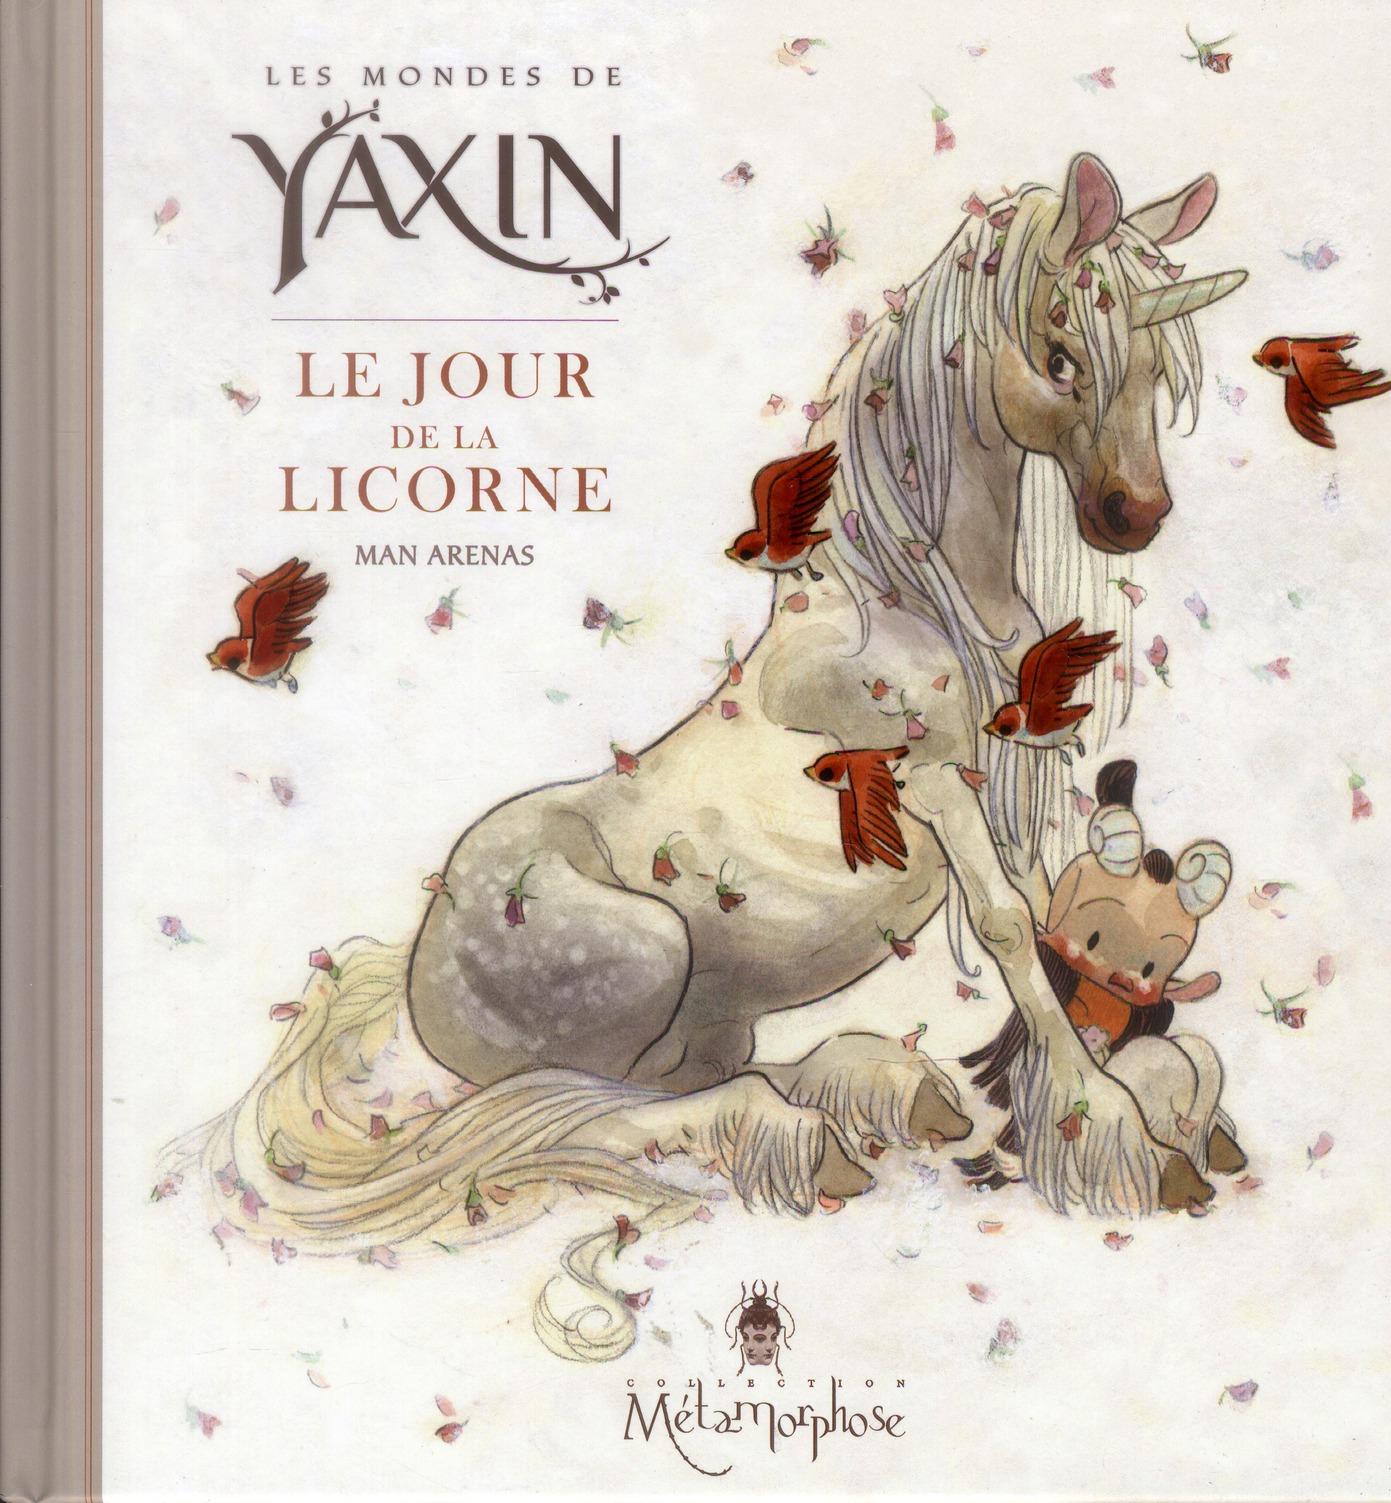 Les mondes de Yaxin ; le jour de la licorne